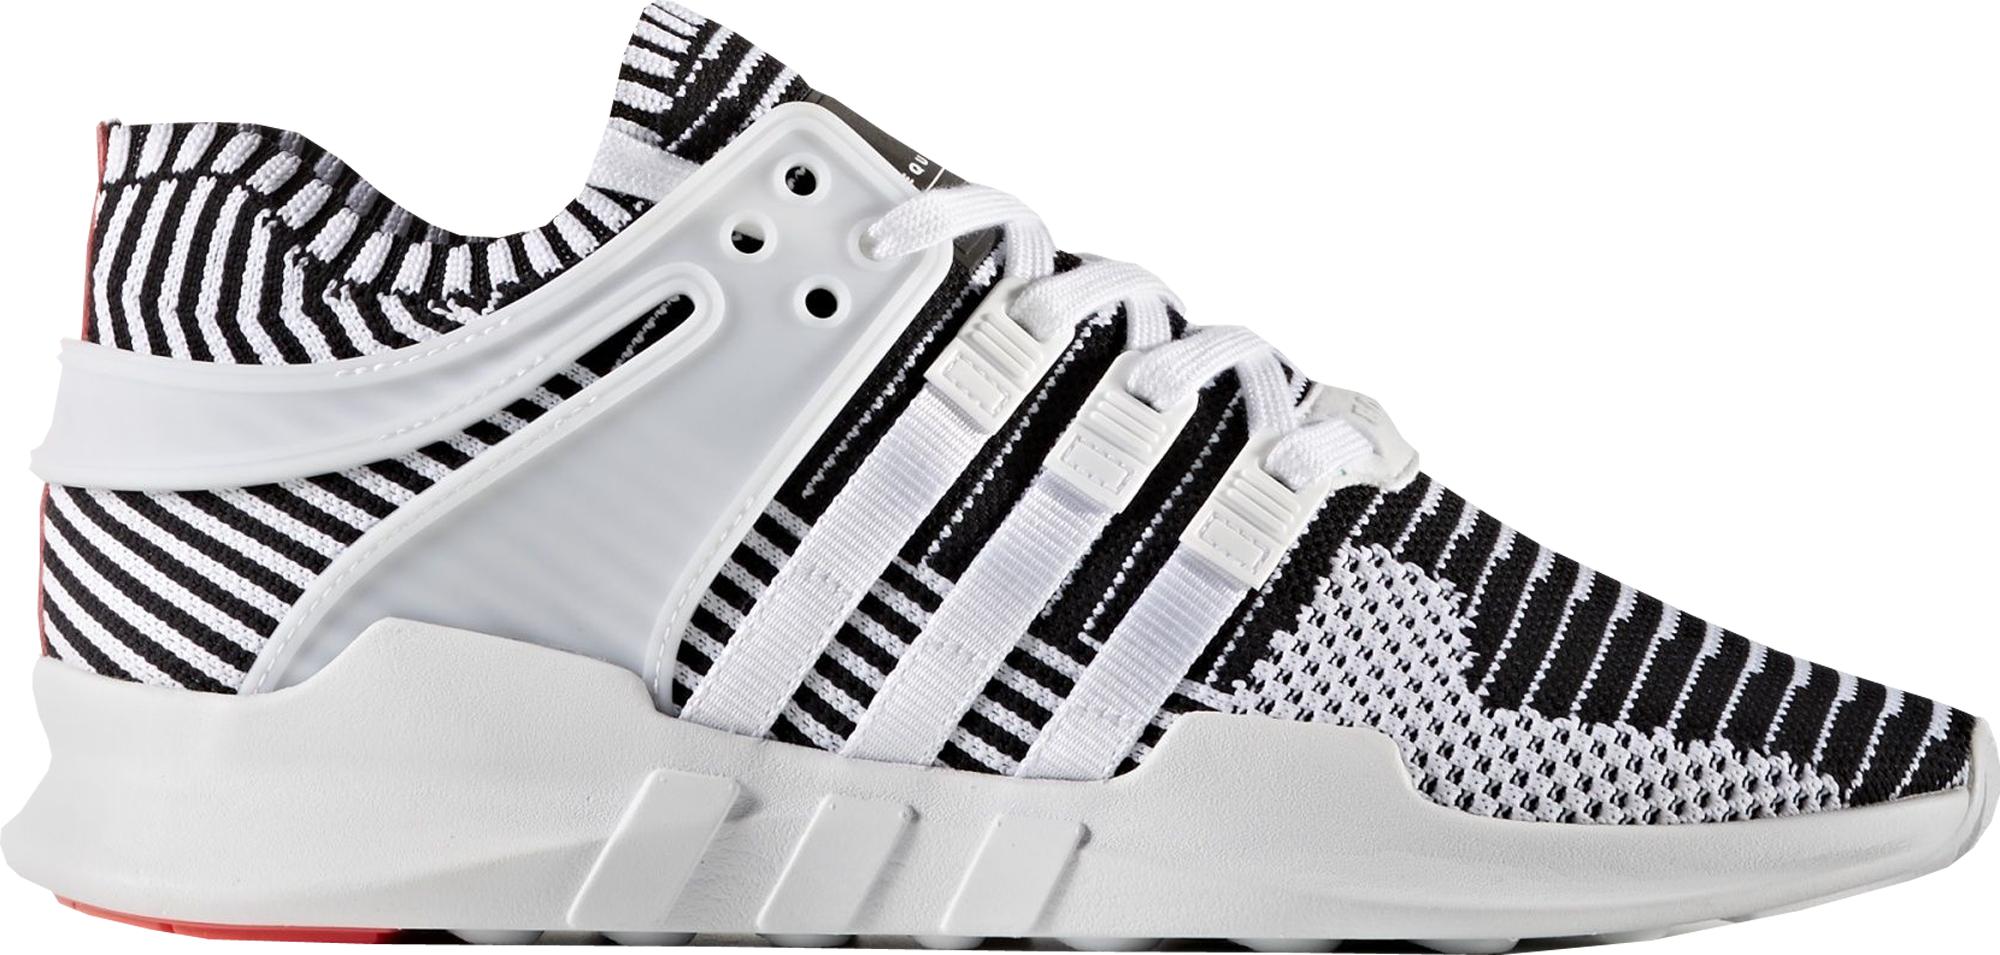 best service c0c0b a5883 adidas eqt 93 17 zebra